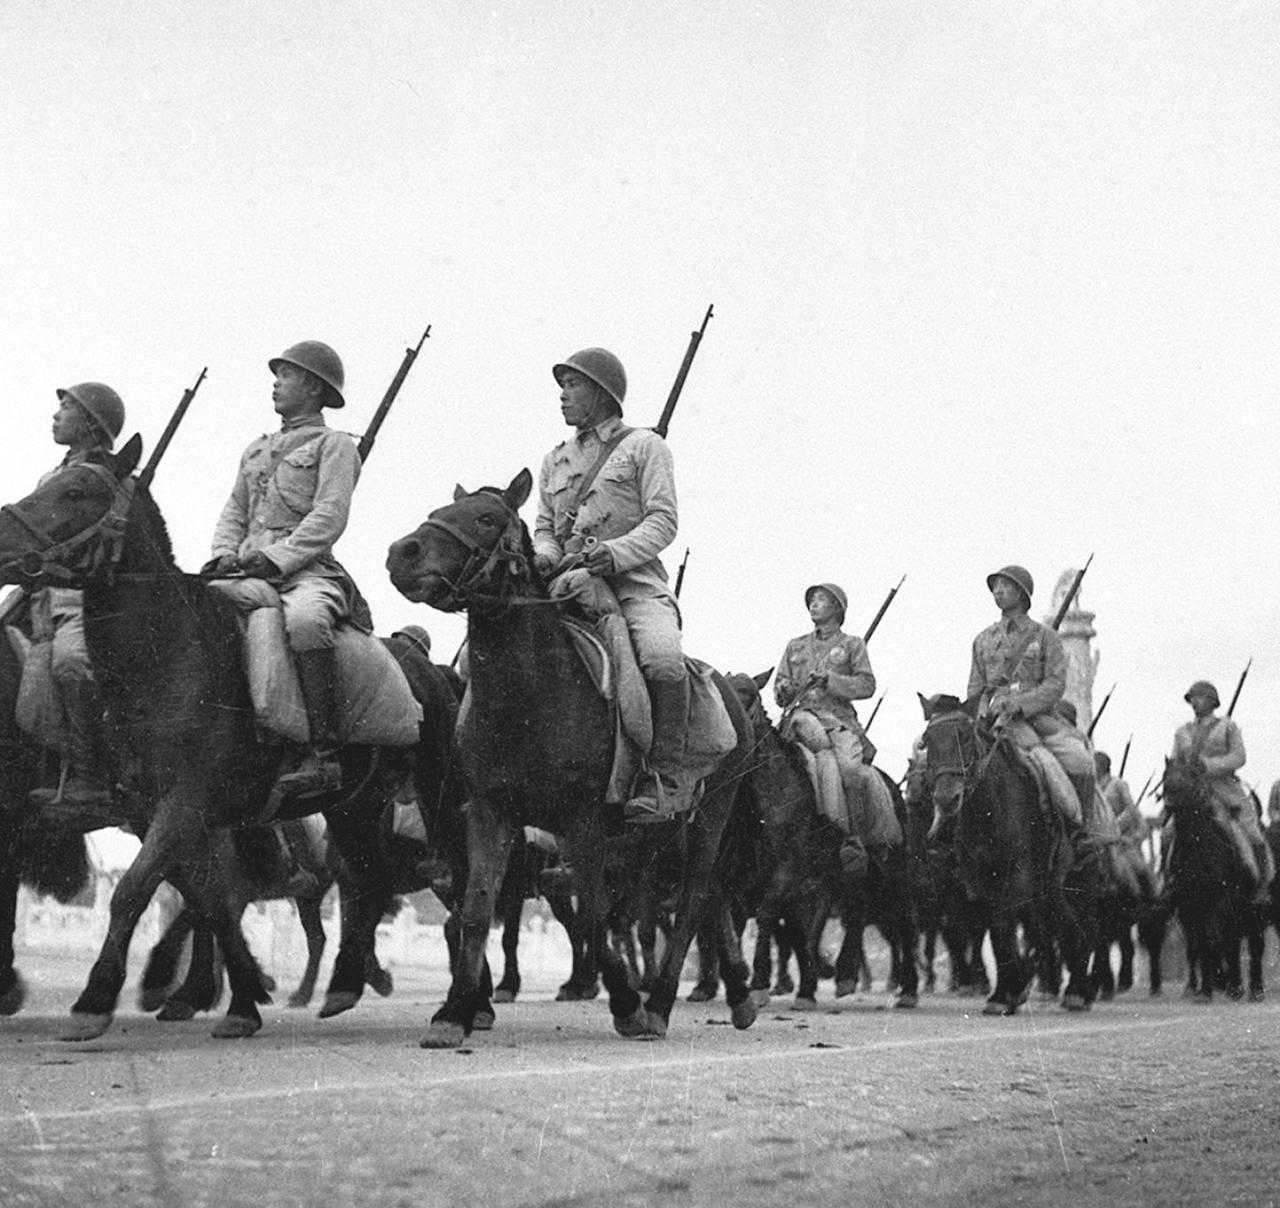 1949年10月1日,參加分列式的中國人民解放軍騎兵部隊。(新華社)